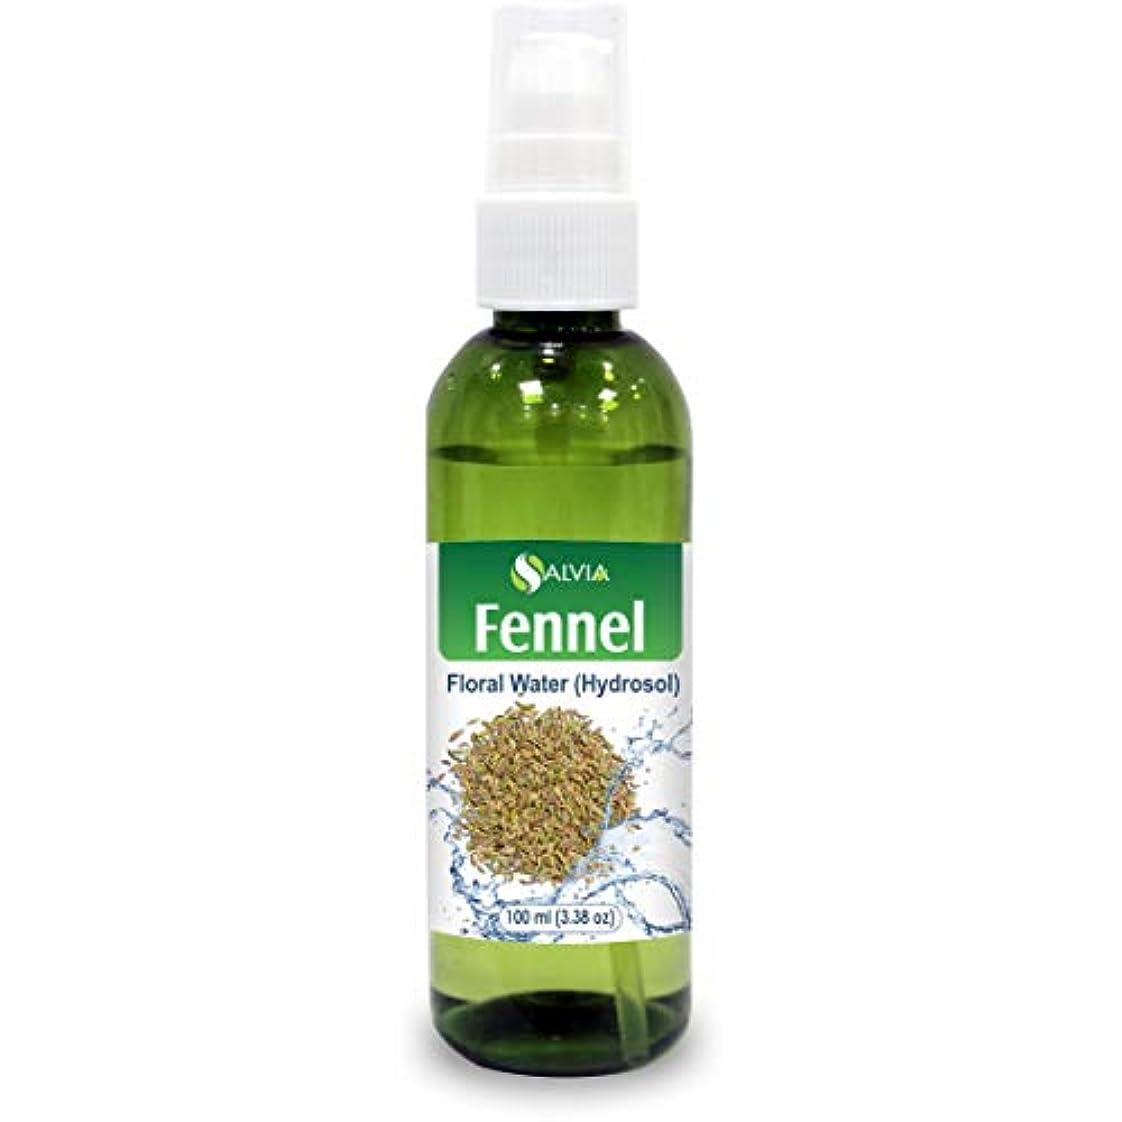 ベスト軍艦発見するFennel Floral Water 100ml (Hydrosol) 100% Pure And Natural